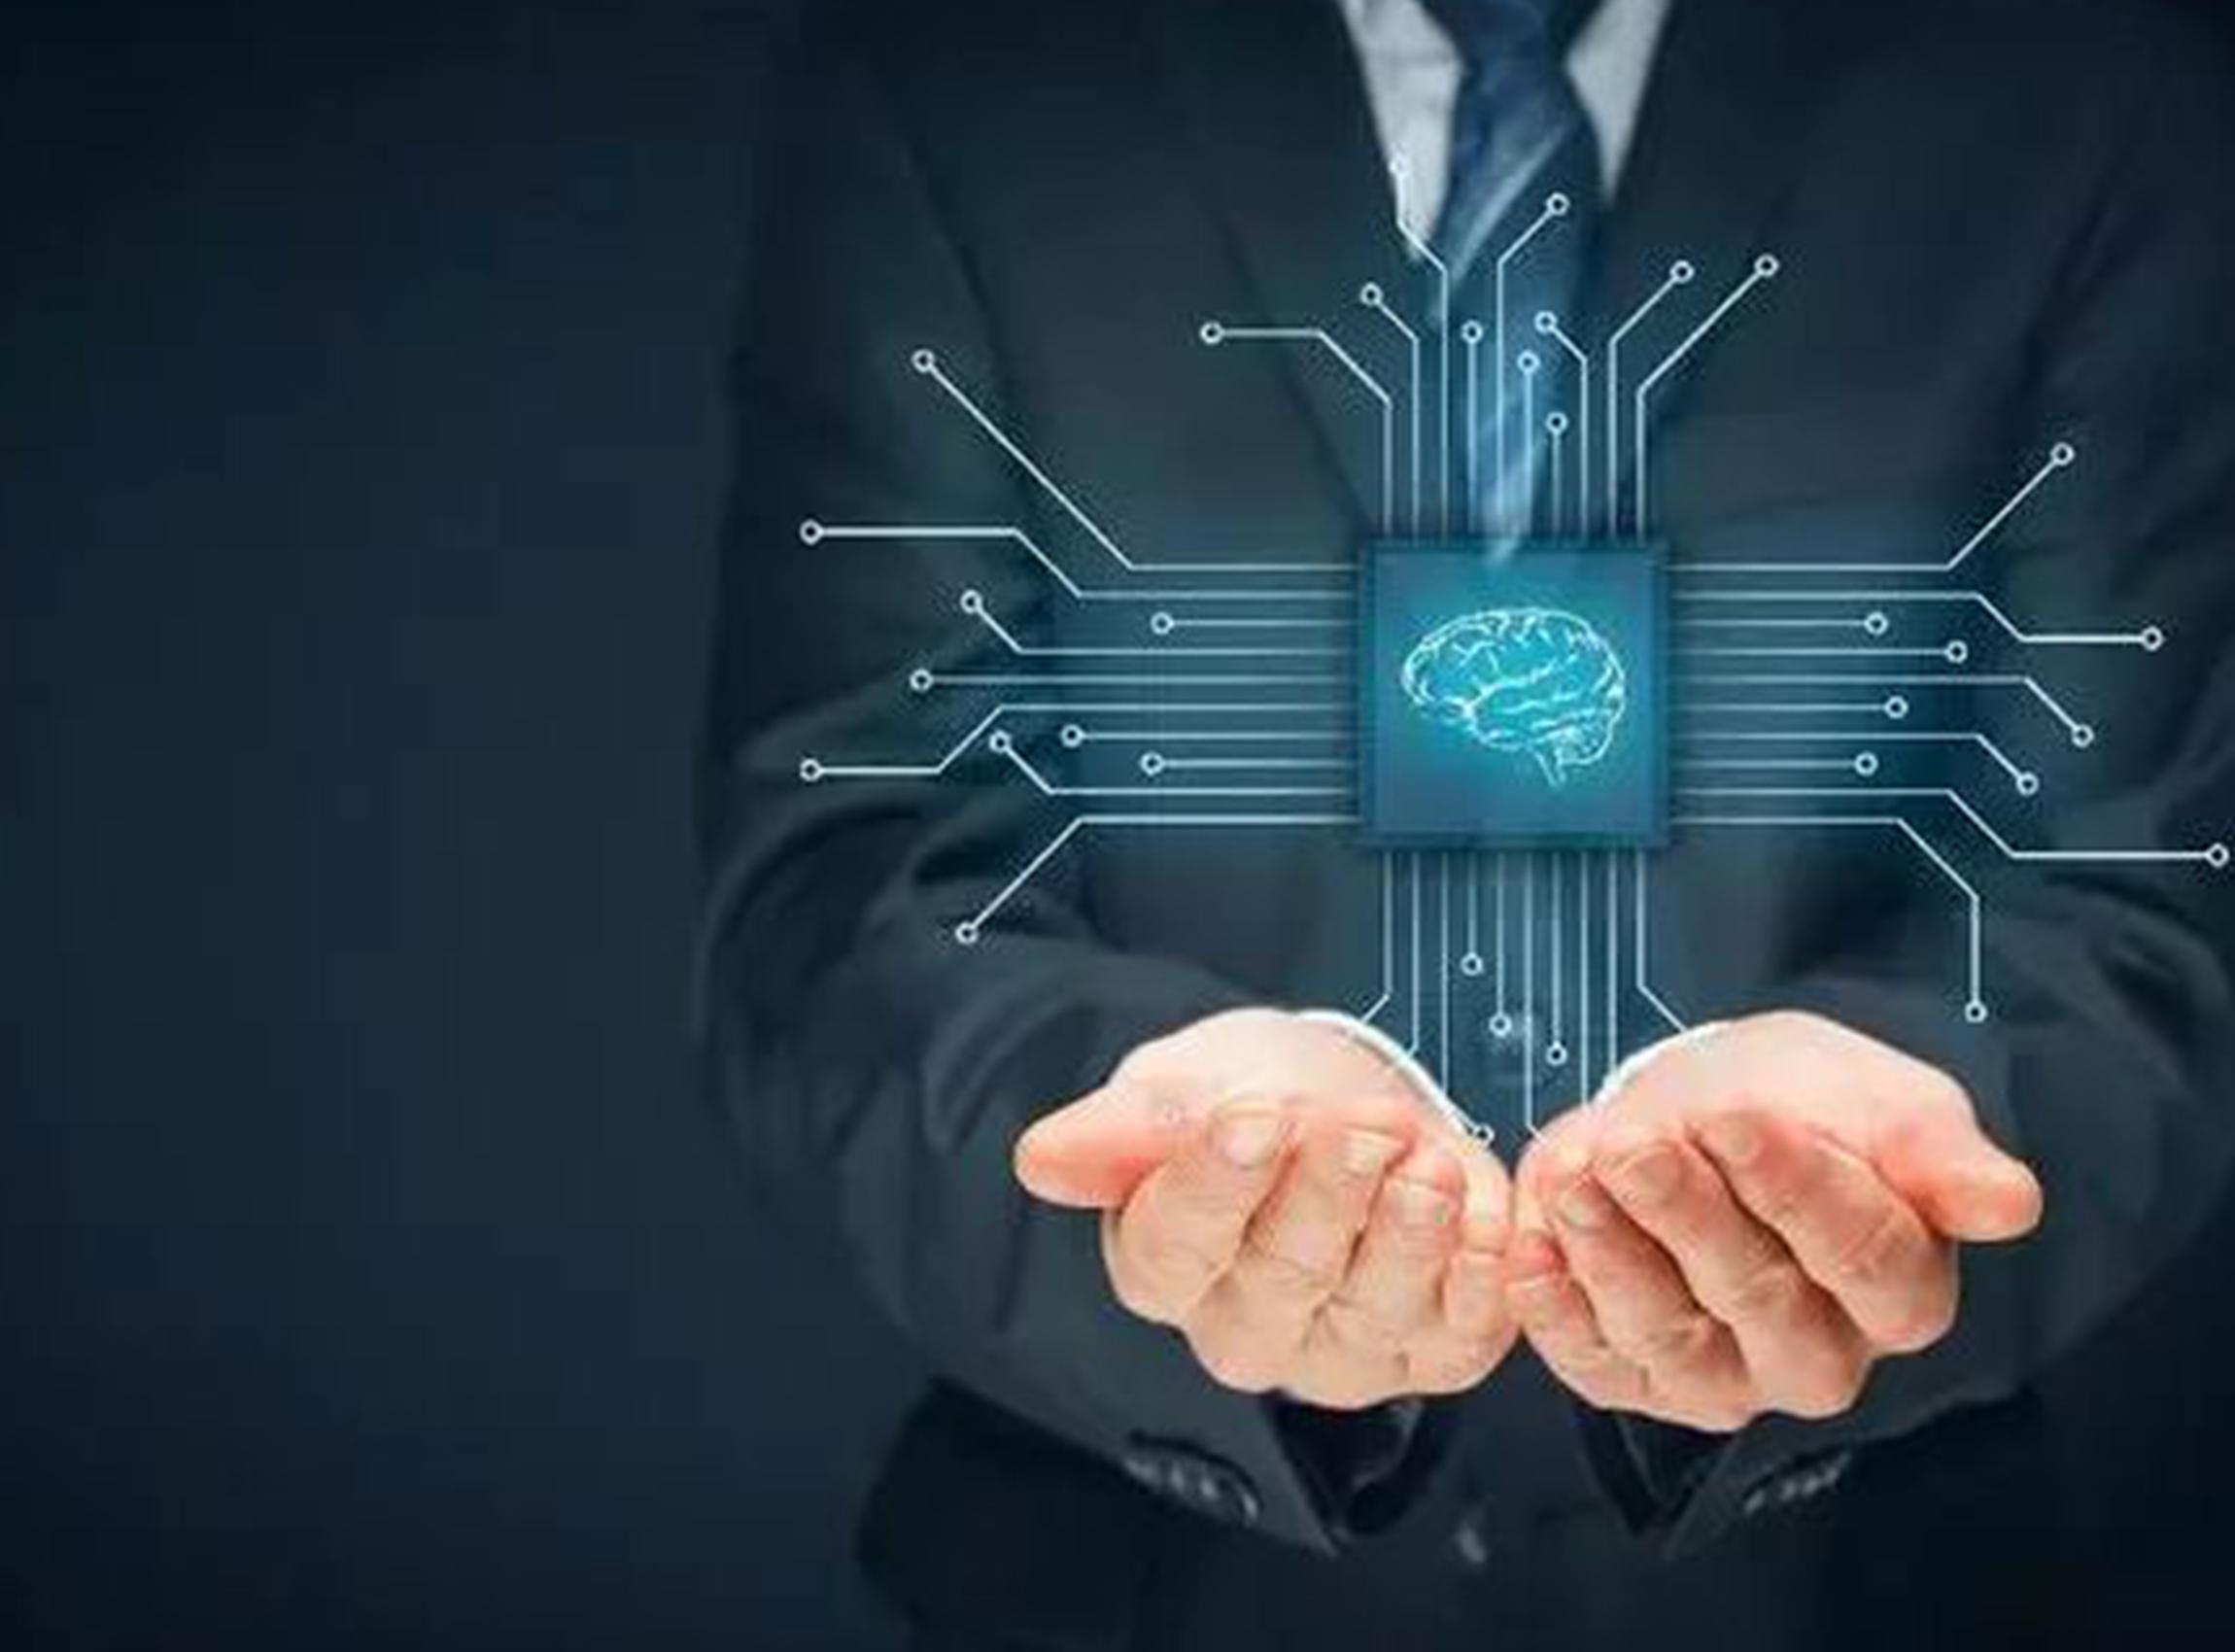 【ToB观察】阿里巴巴AI每天调用超1万亿次,成中国最大的人工智能公司